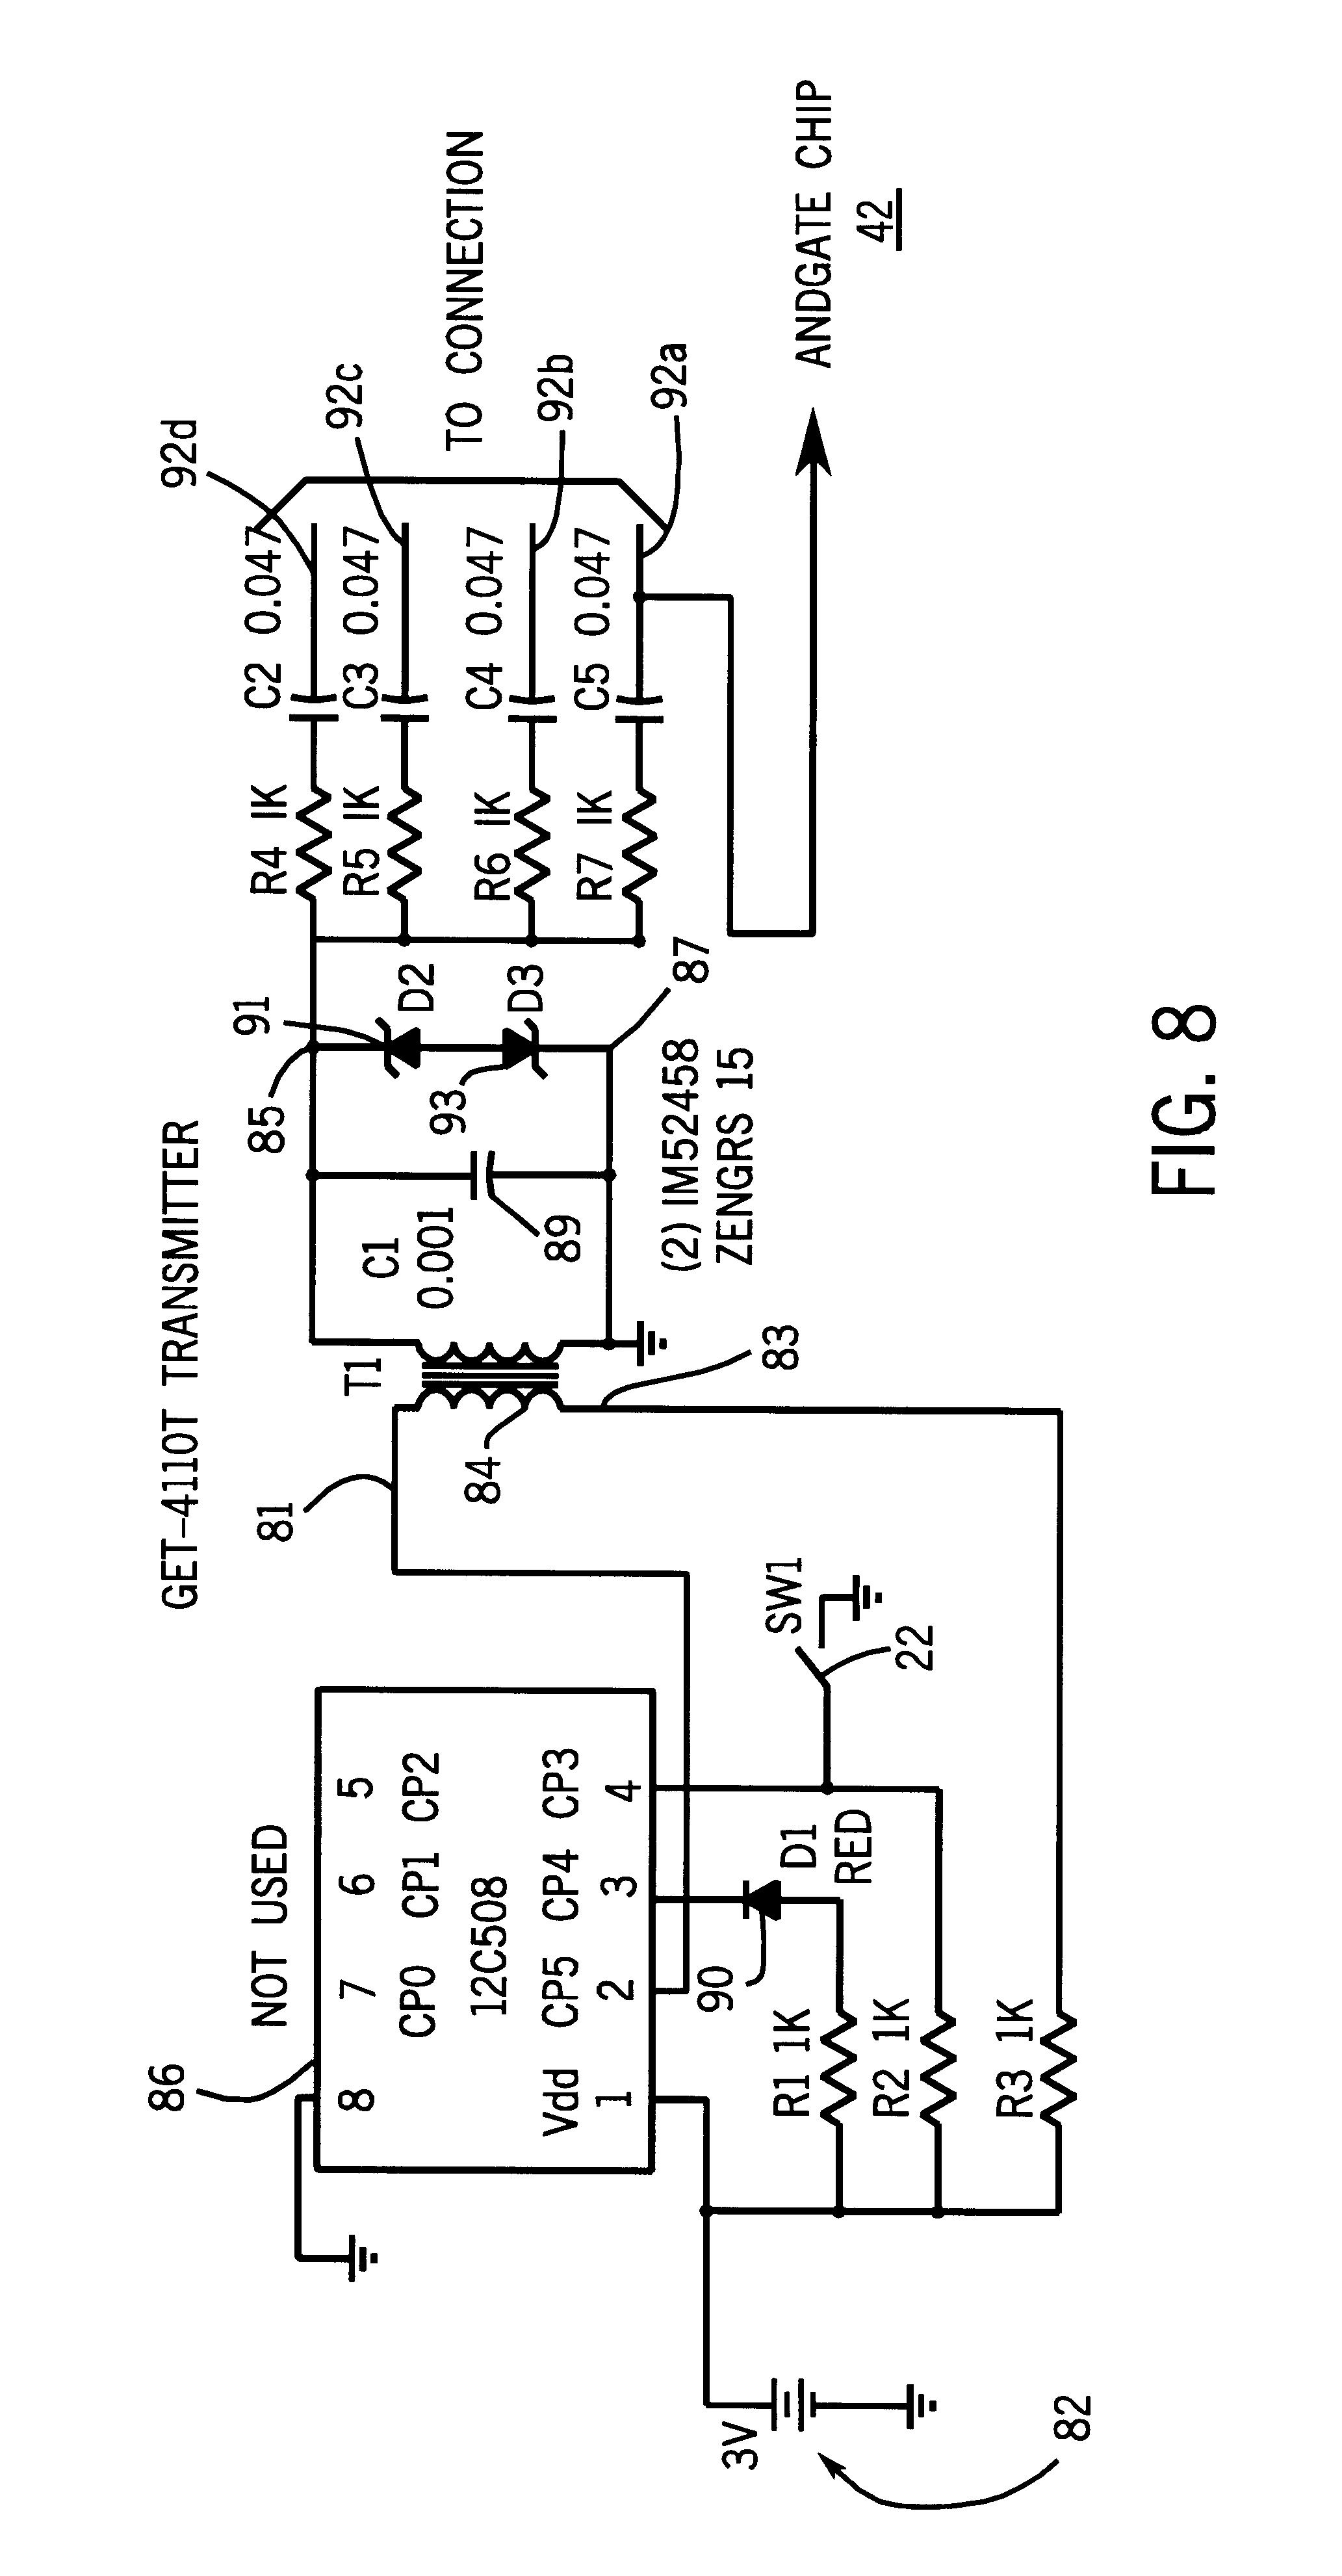 Wire Tracer Schematic